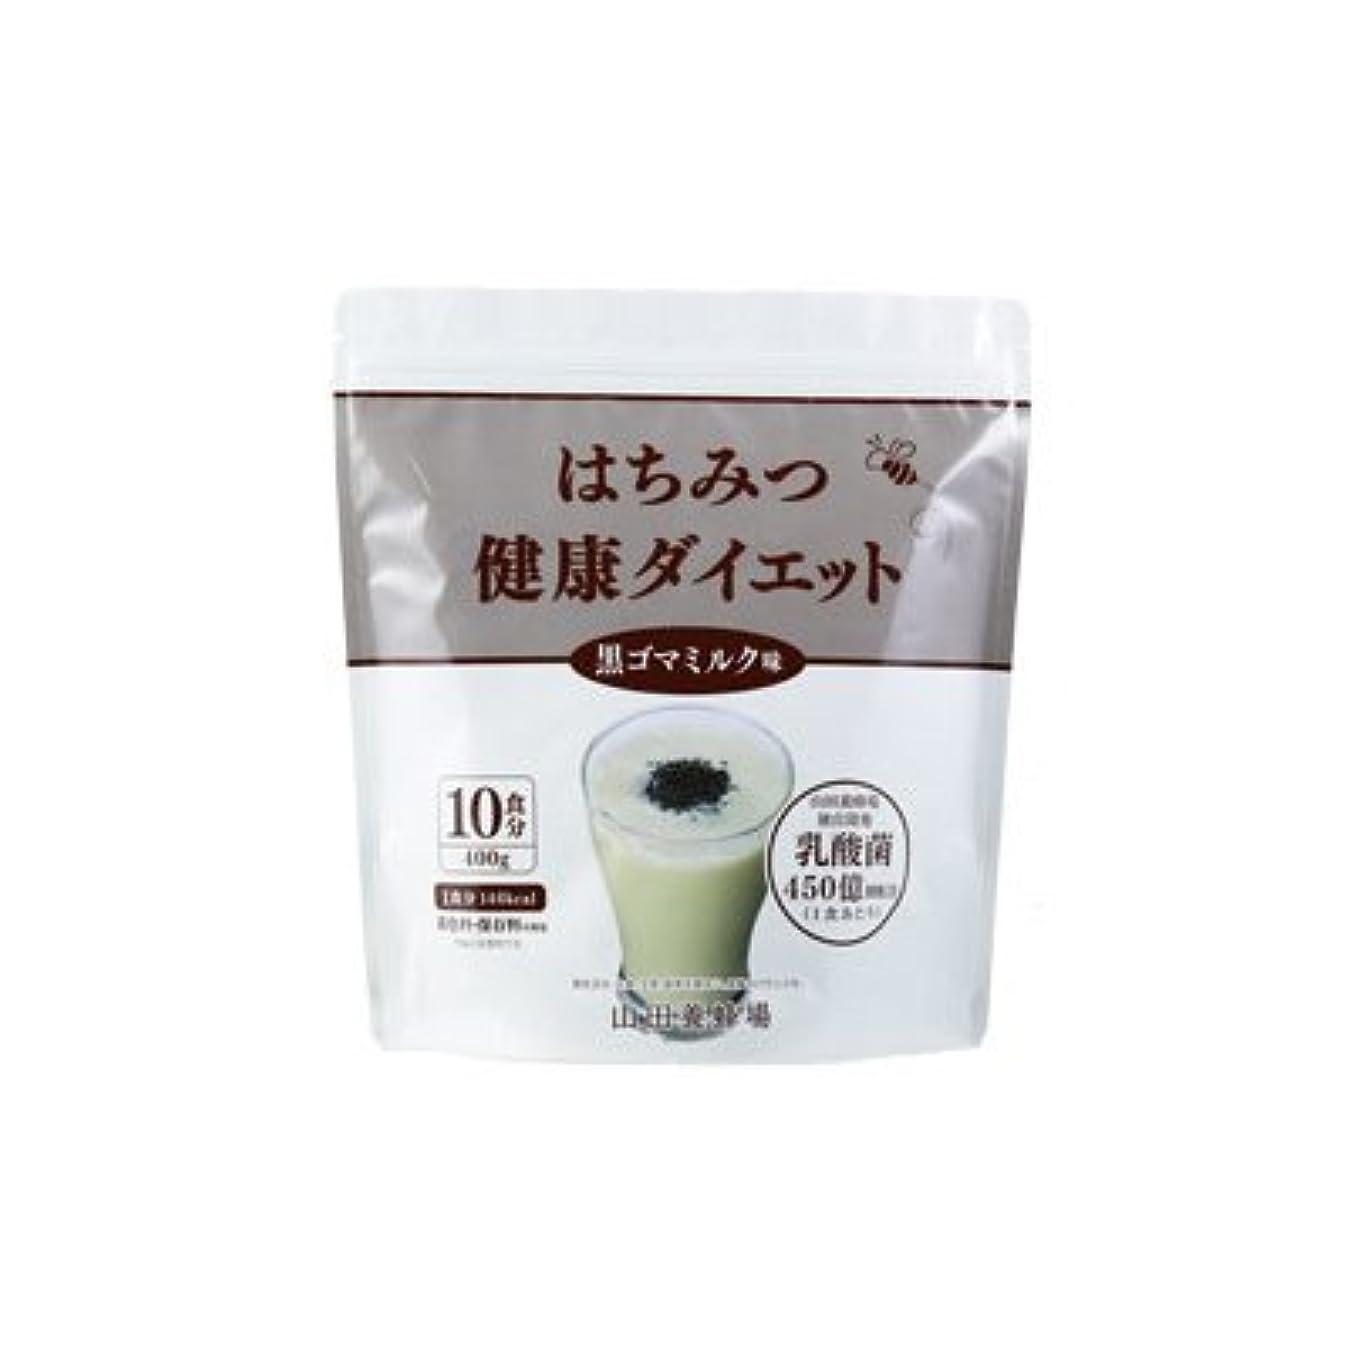 ハンディキャップ明らかに目の前のはちみつ健康ダイエット 【黒ごまミルク味】400g(10食分)